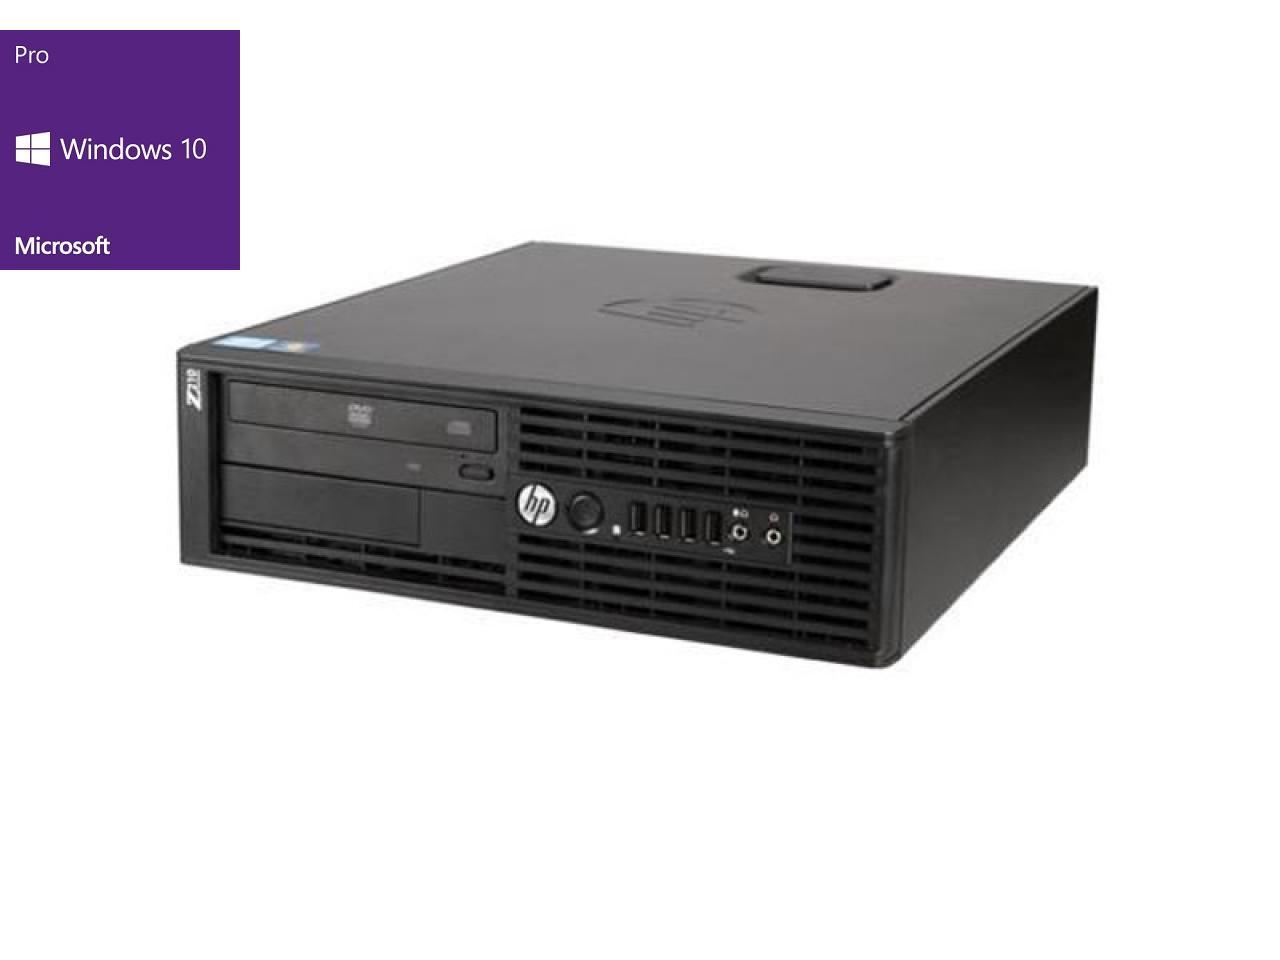 Hewlett Packard Z210 SFF  - shop.bb-net.de